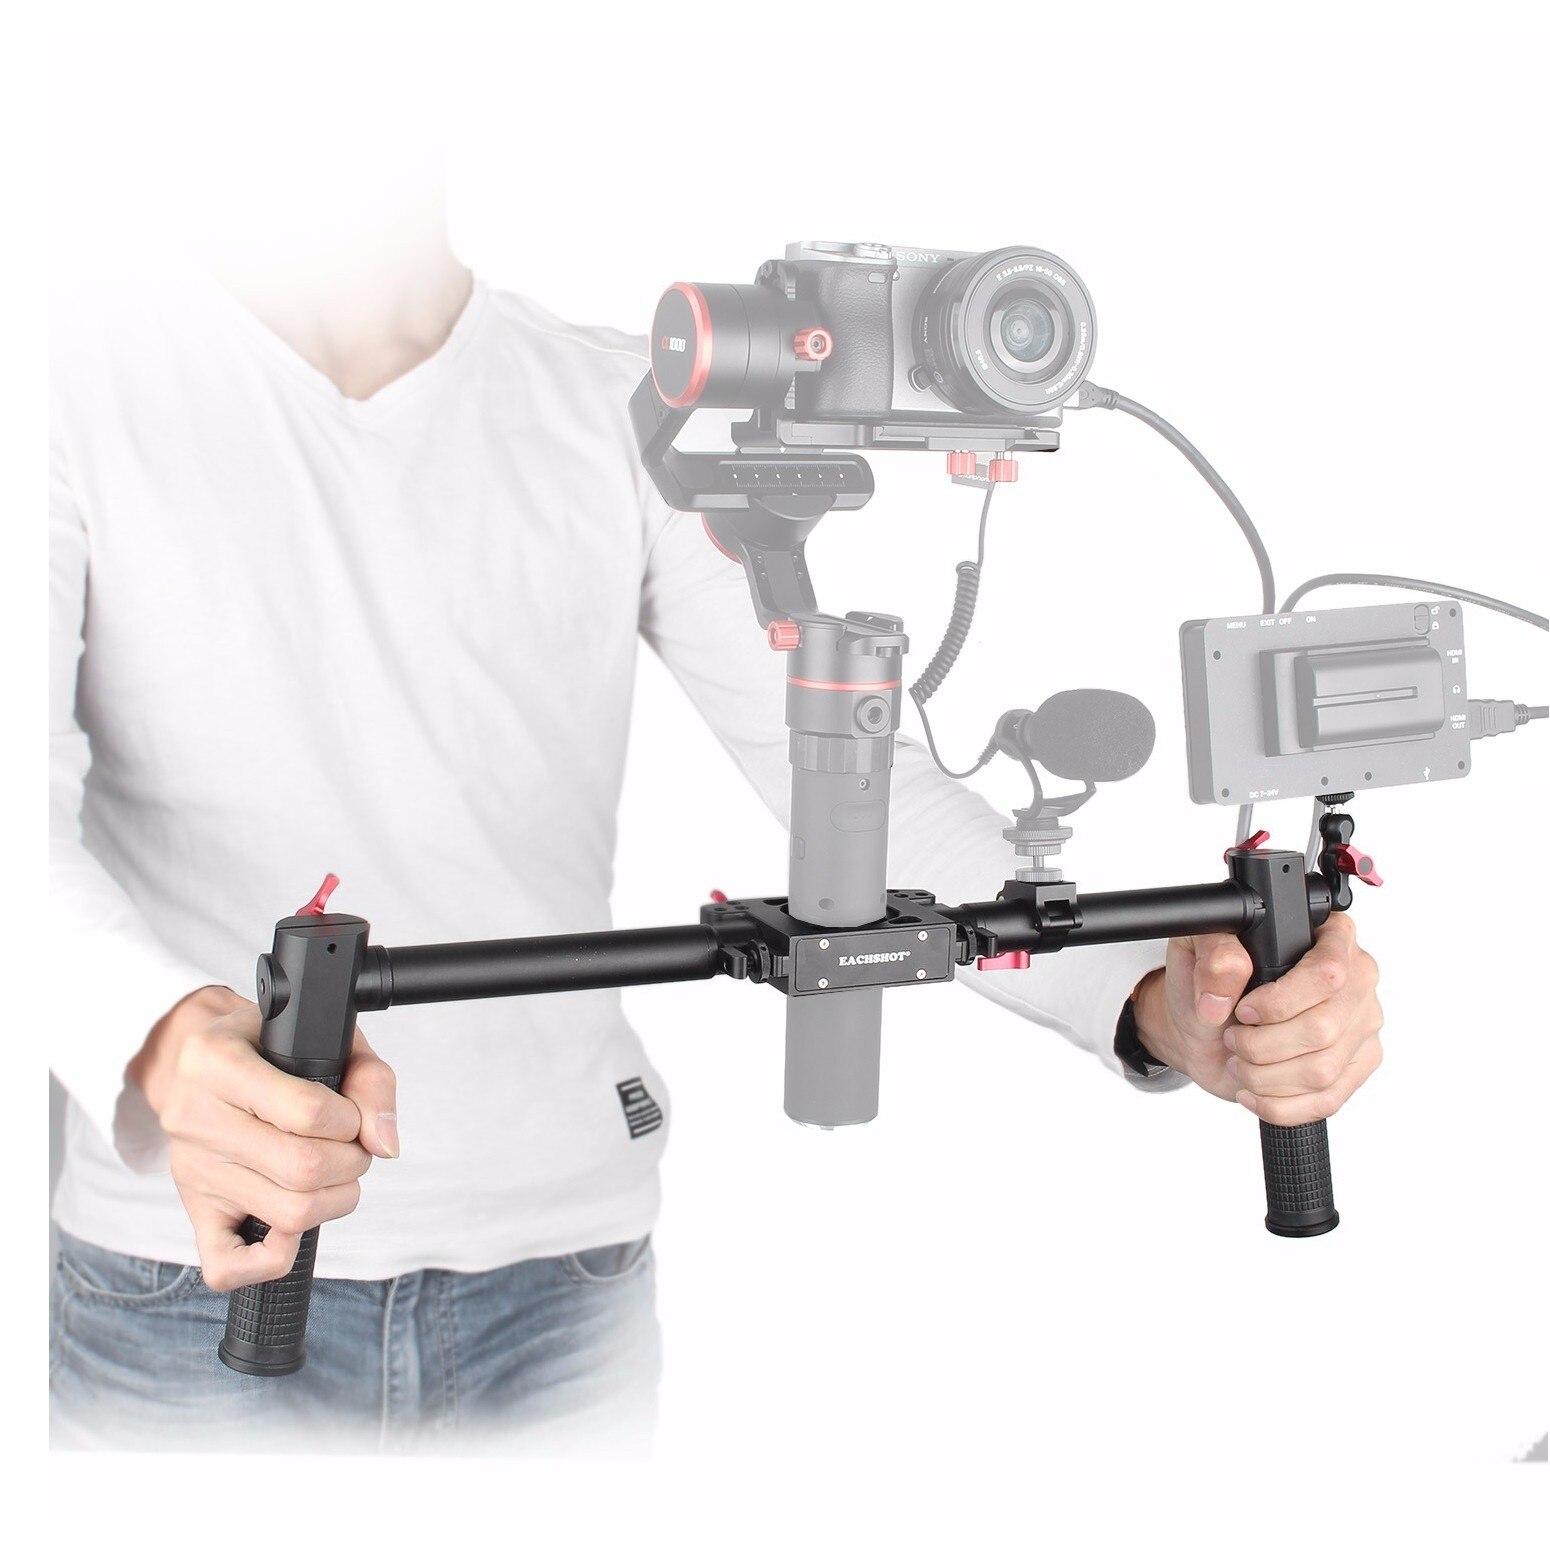 Dh-1 dual handle Gimbal Grip para zhiyun Crane 2/grúa v2/feiyu a1000/a2000, mano Agarraderas para estabilizador